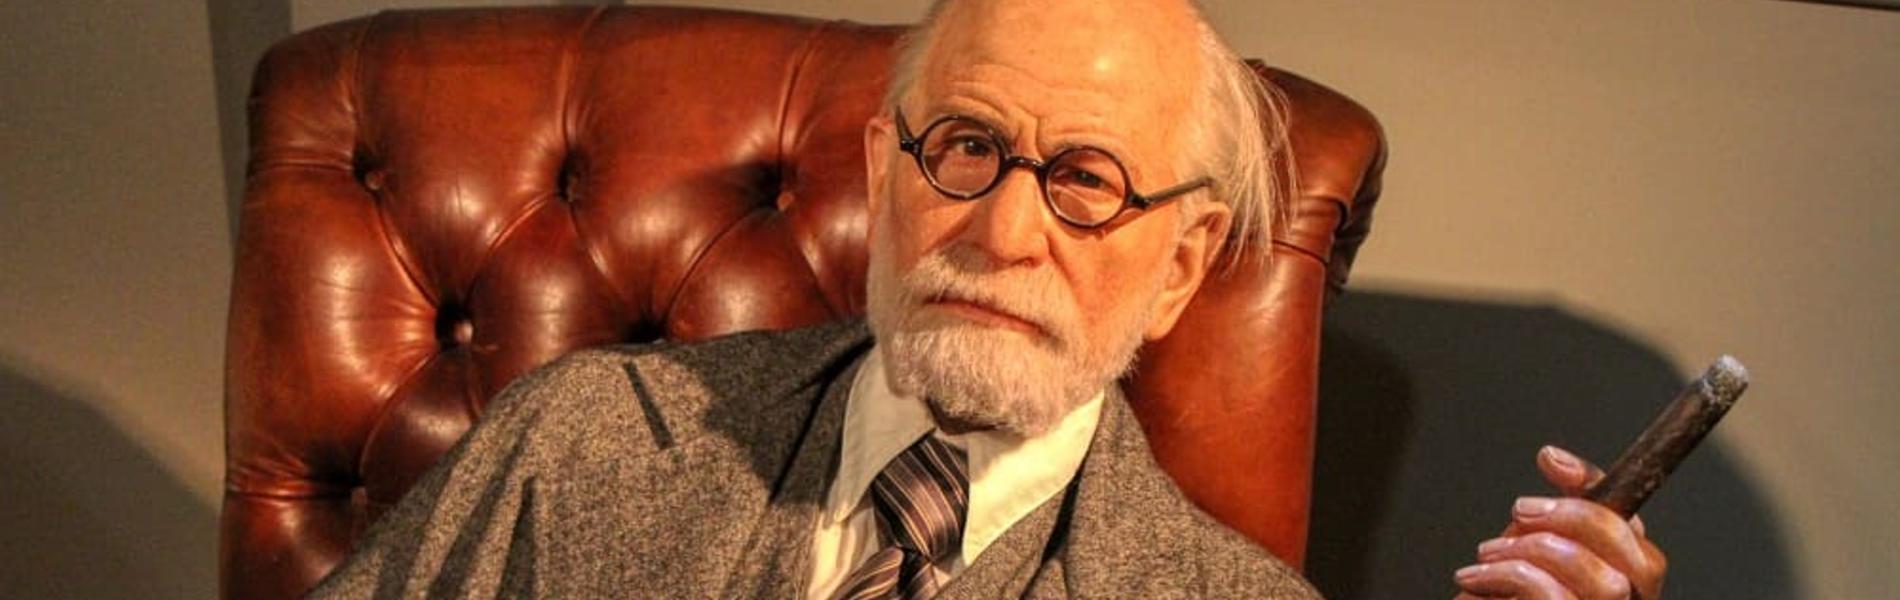 מופעי היסטריה ומיניות מודחקת: 80 למותו של פרויד